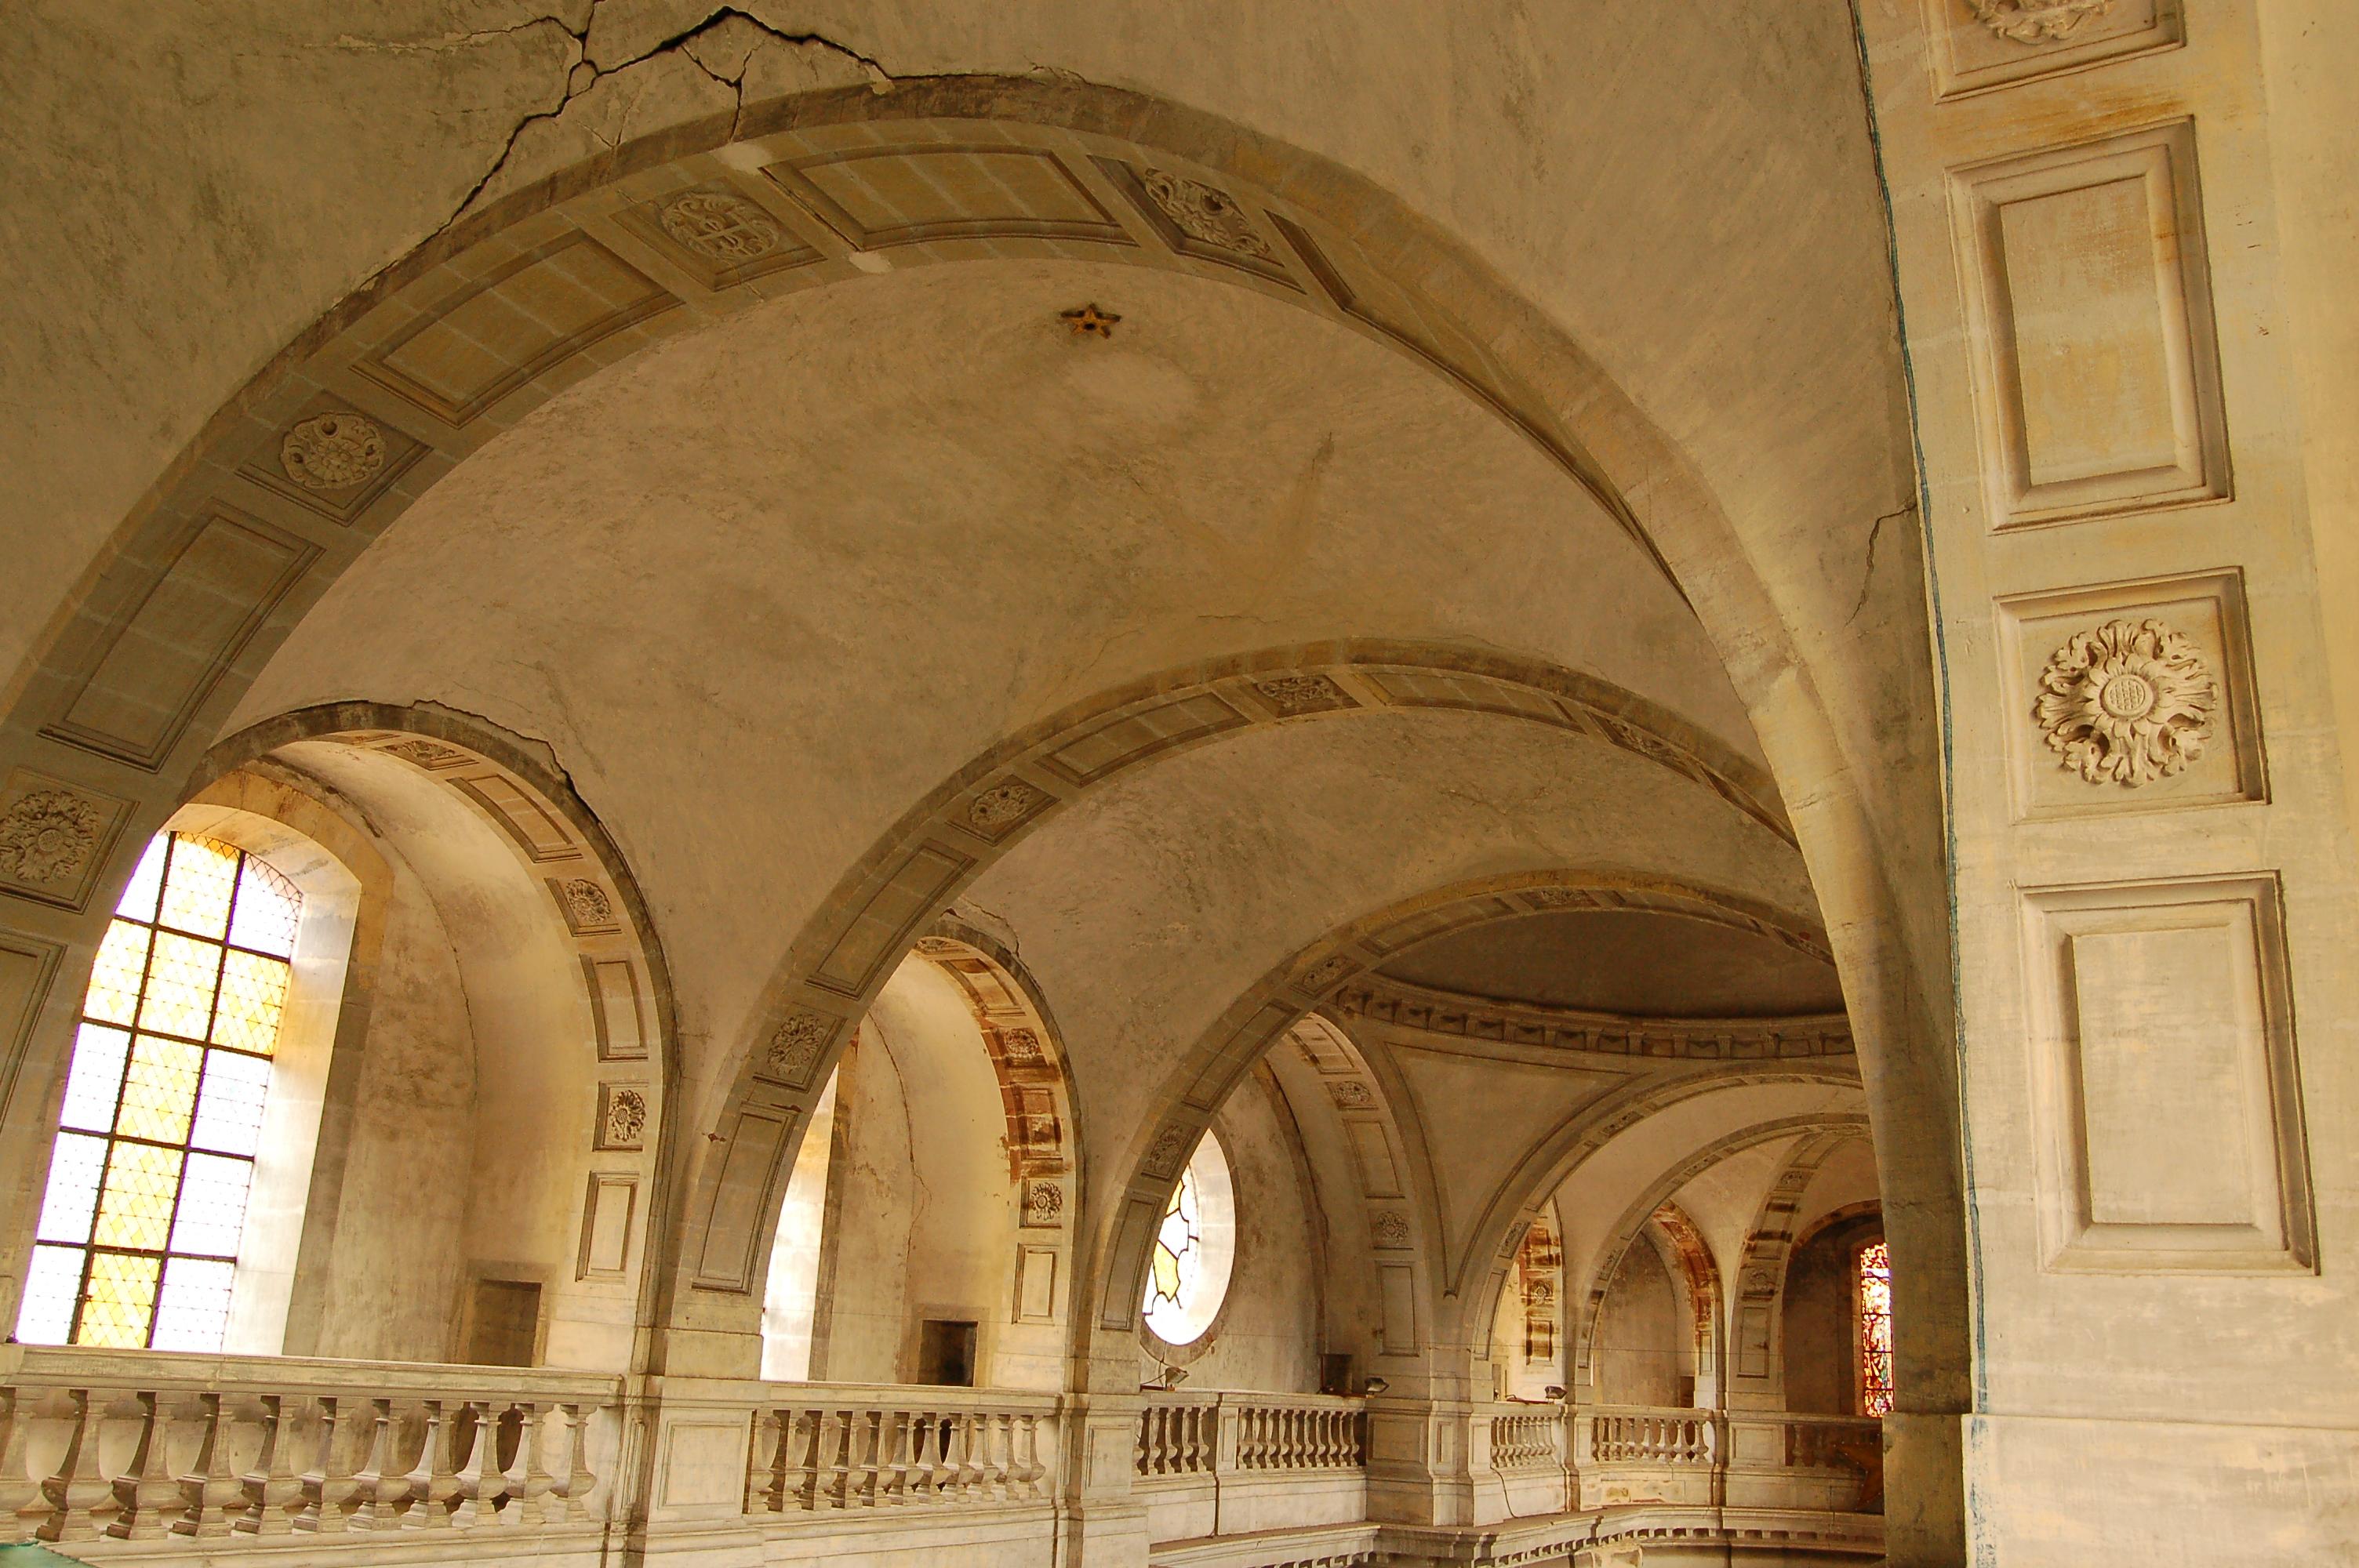 Office de tourisme du pays des abbayes abbaye de - Abbaye de citeaux horaires des offices ...